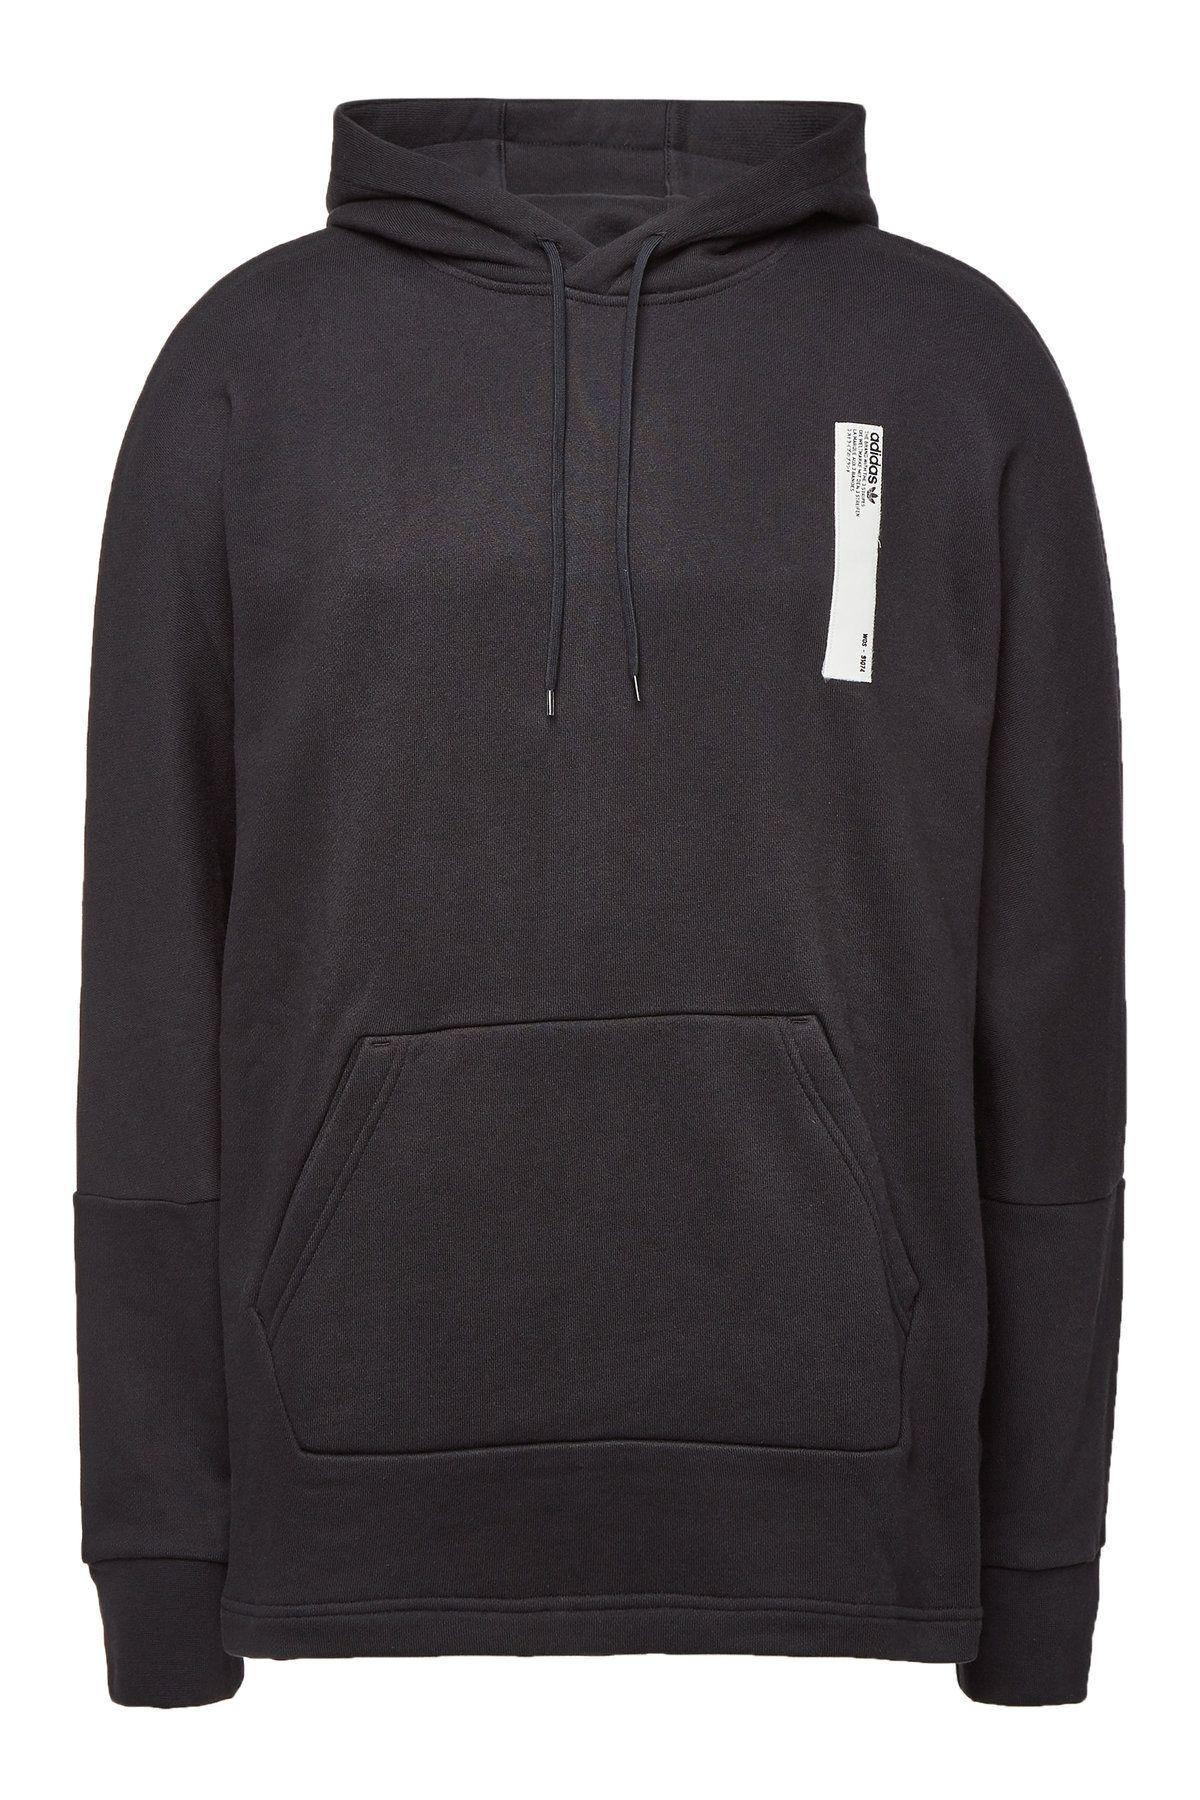 adidas Originals Nmd Sweatshirt für Herren Pink